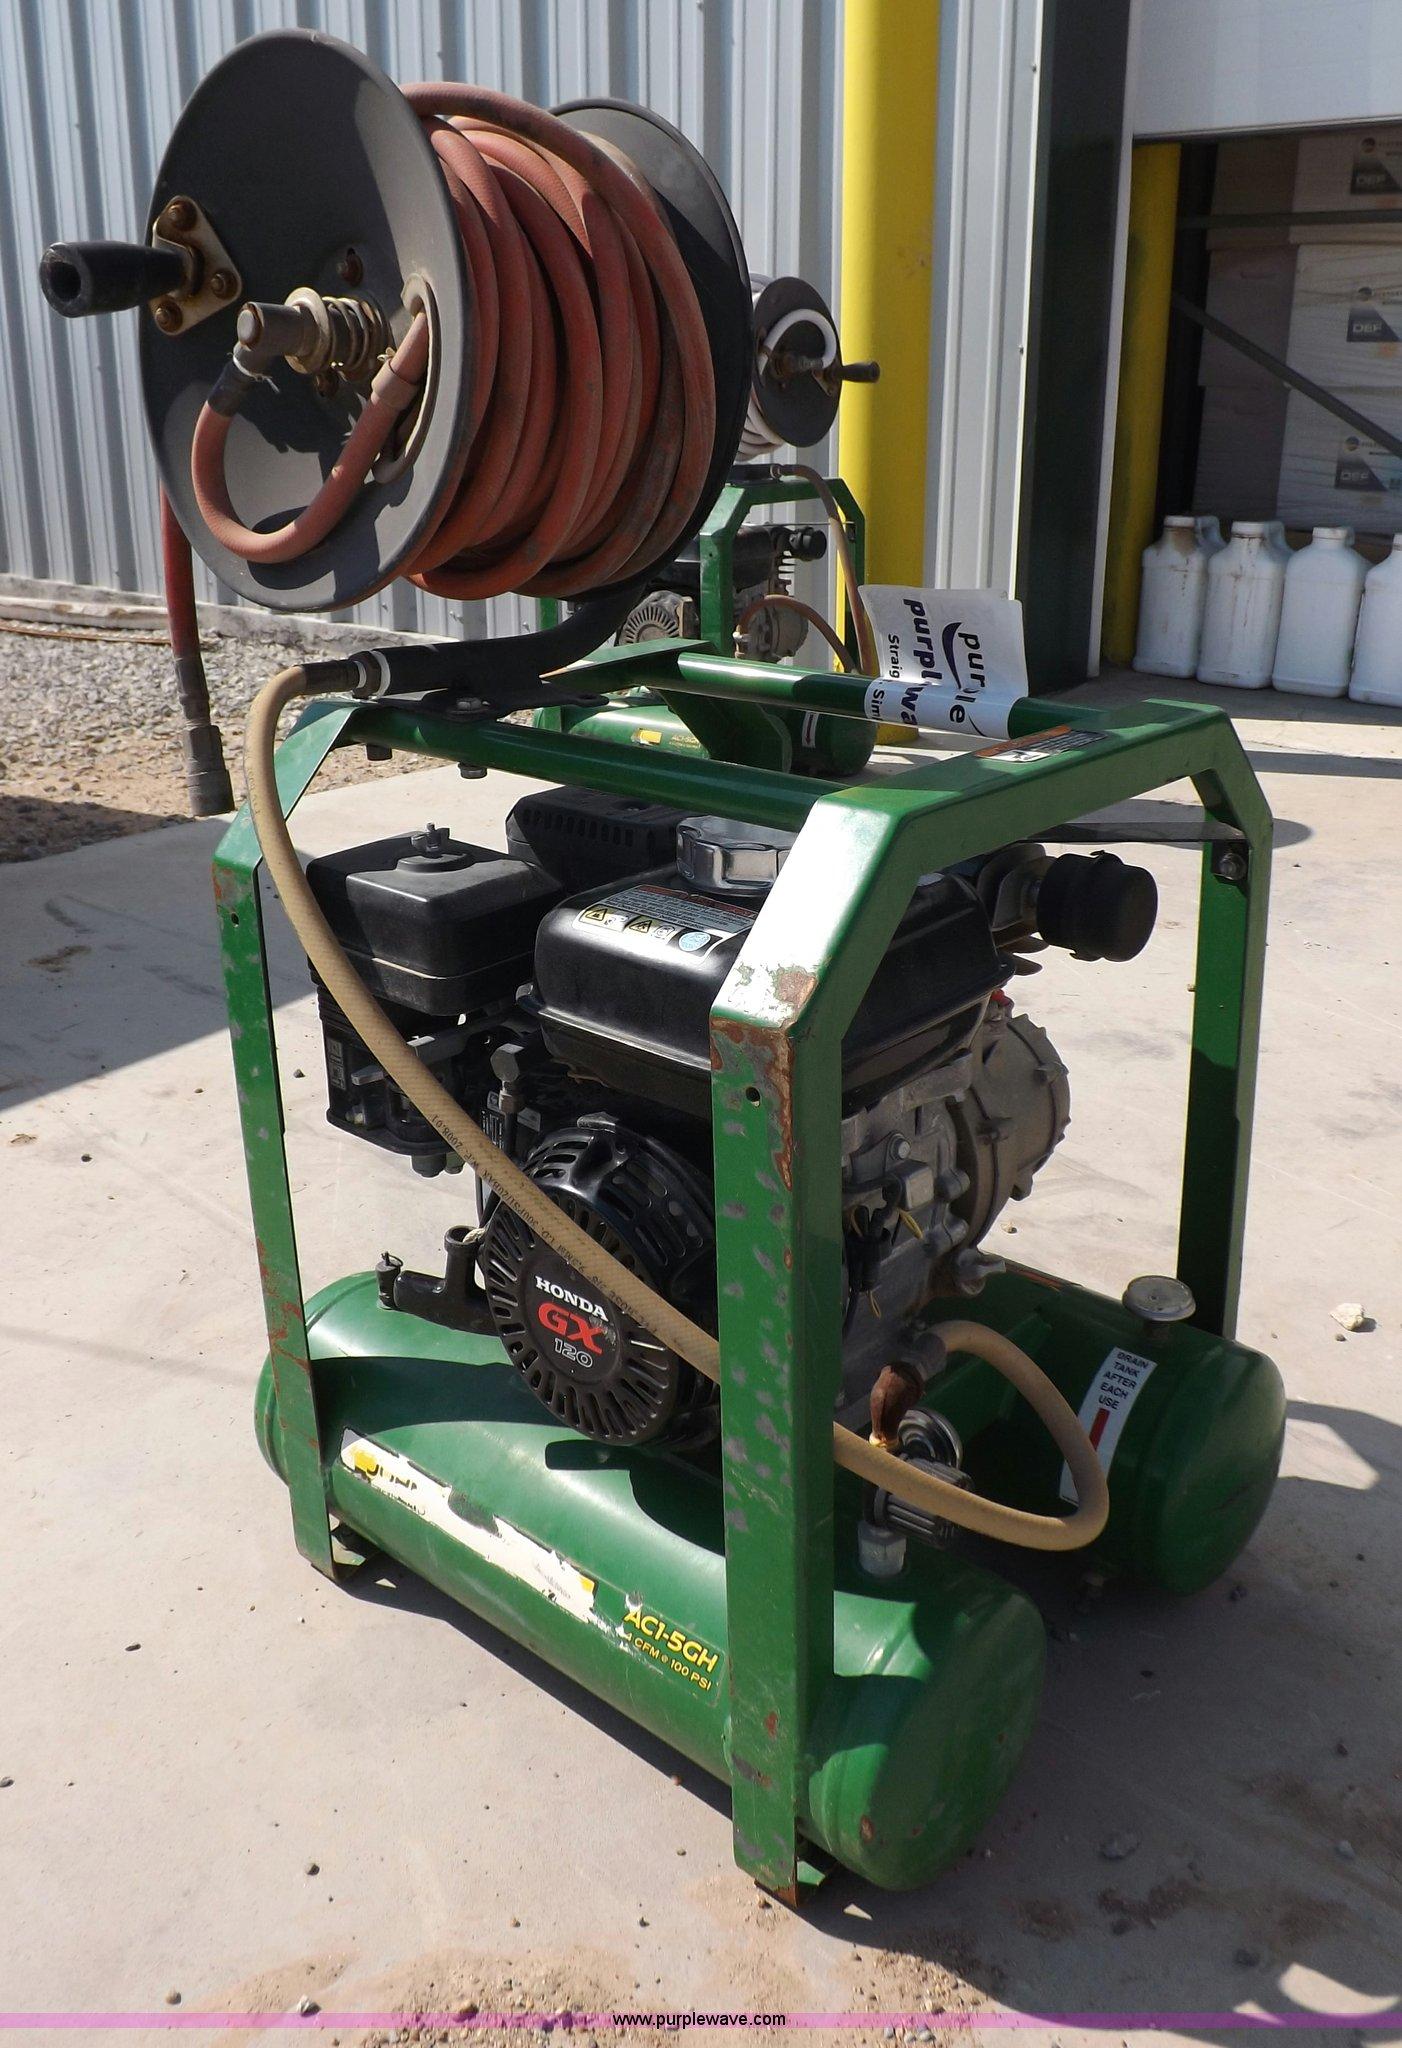 John Deere Air Compressor >> John Deere Air Compressor Item I7624 Sold September 18